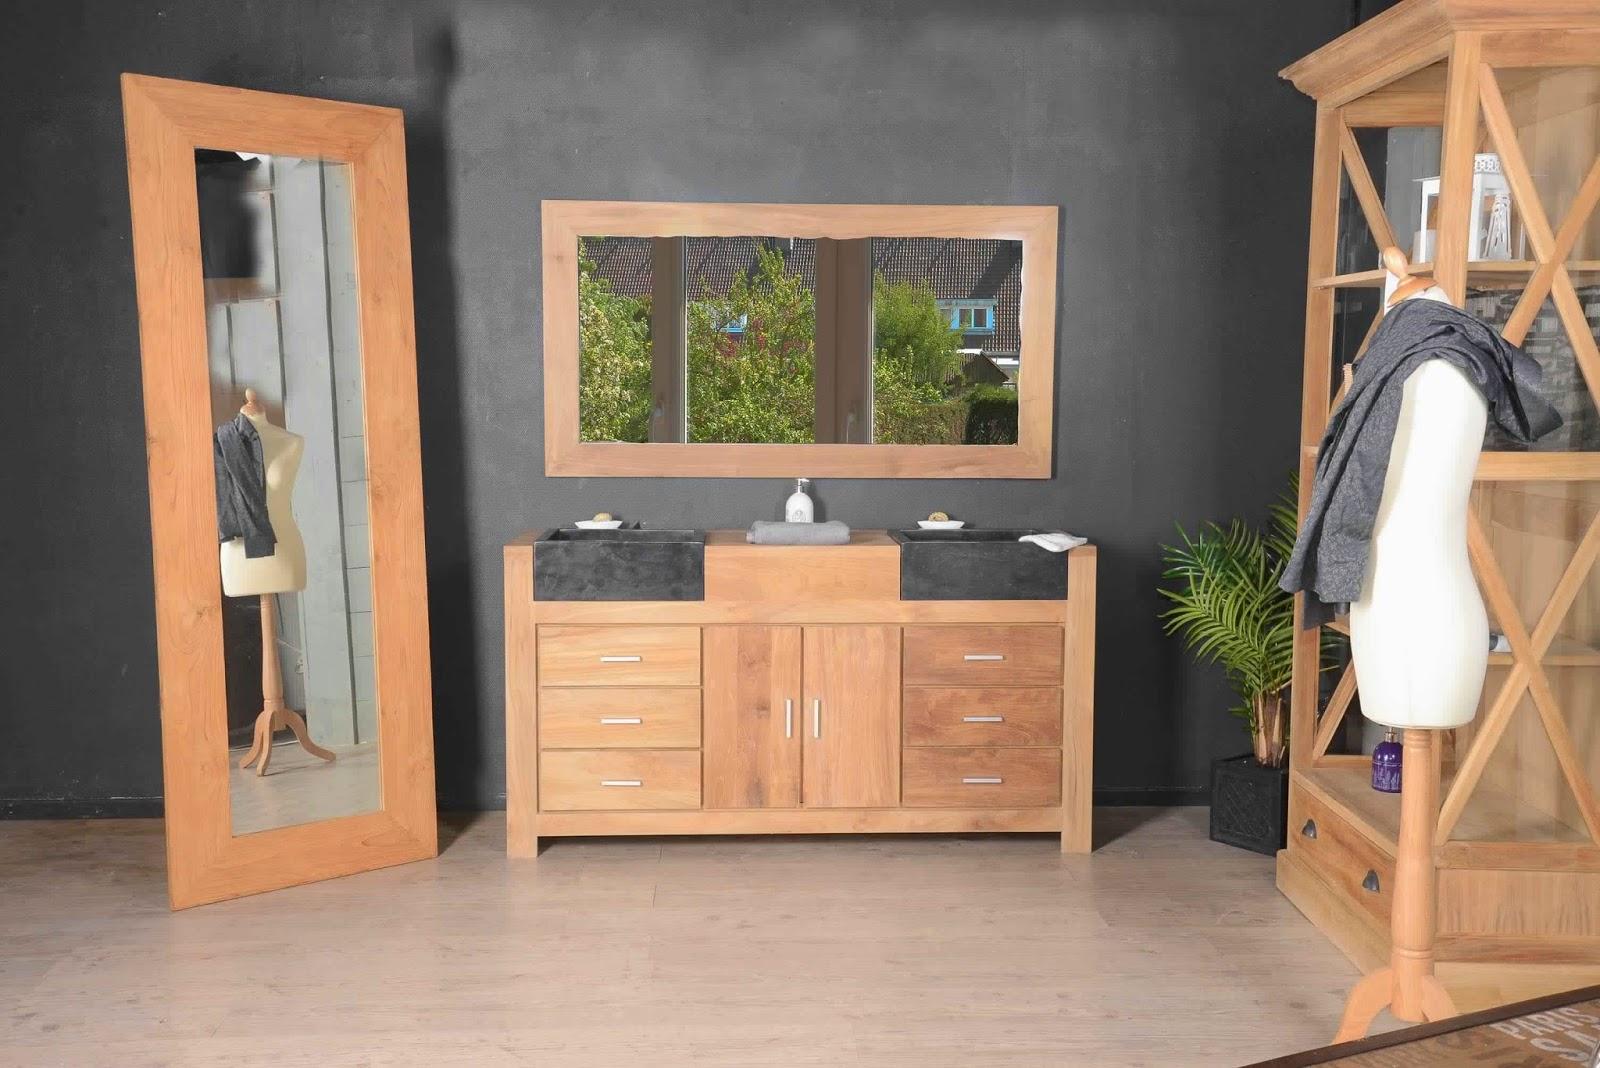 meubles de cuisine meuble cuisine suspendu blanc meuble dcoration meuble de salle de bain finition bois - Meuble Bois Salle De Bain